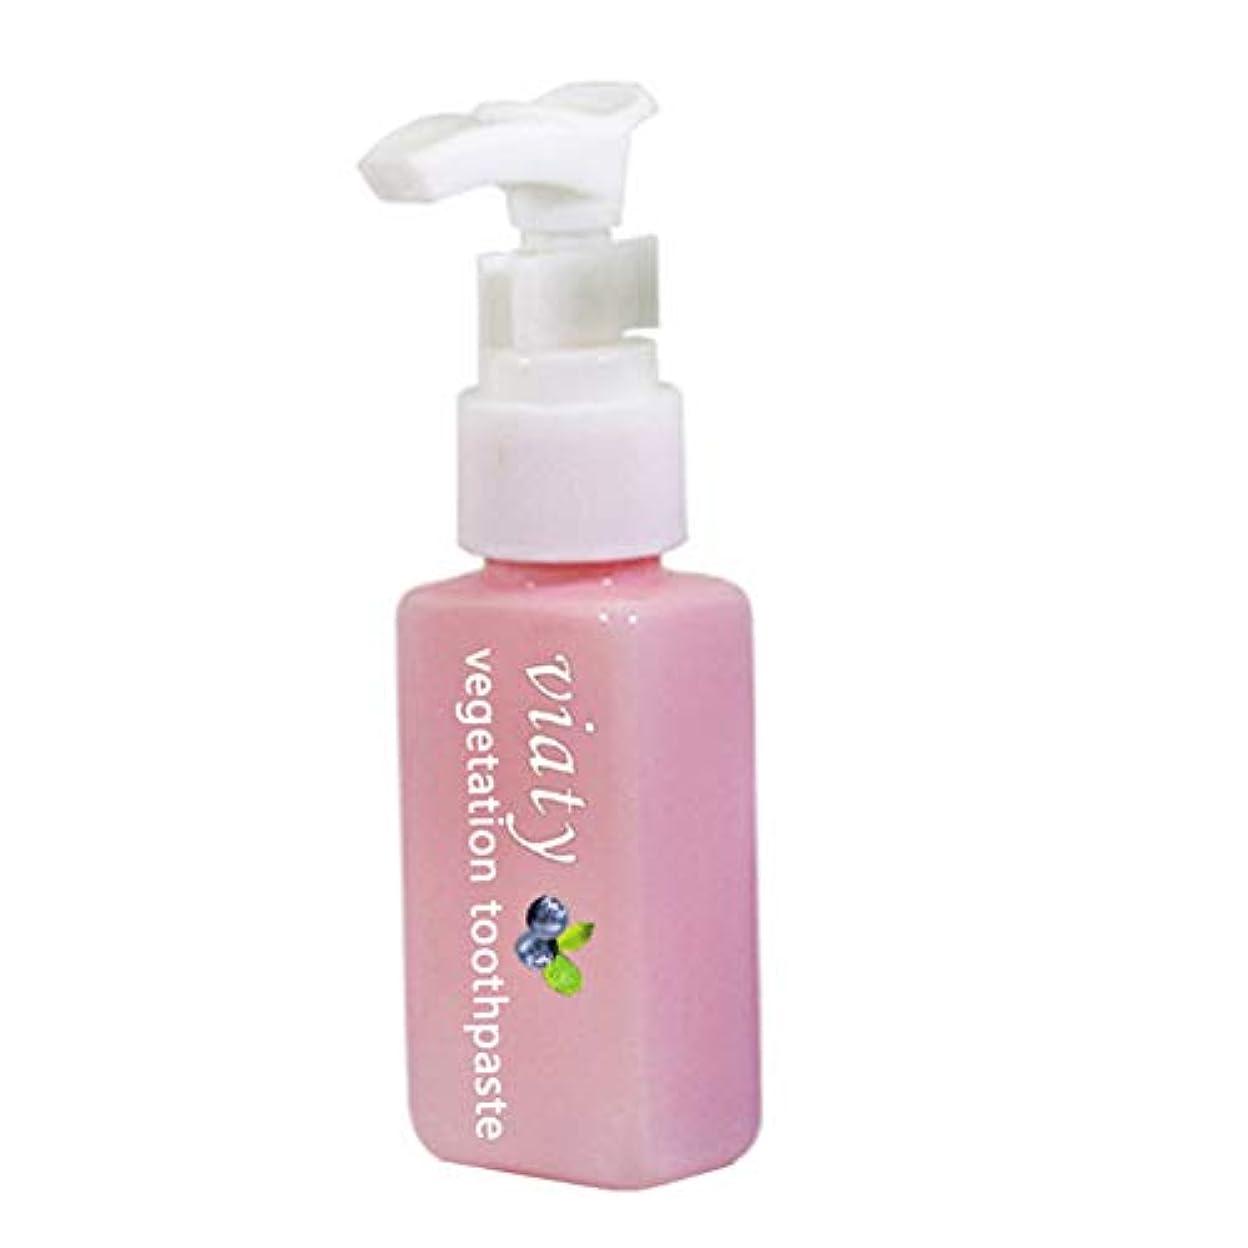 旋回化合物参加するJanusSaja歯磨き粉アンチブリードガムプレスタイプ新鮮な歯磨き粉を白くする汚れ除去剤